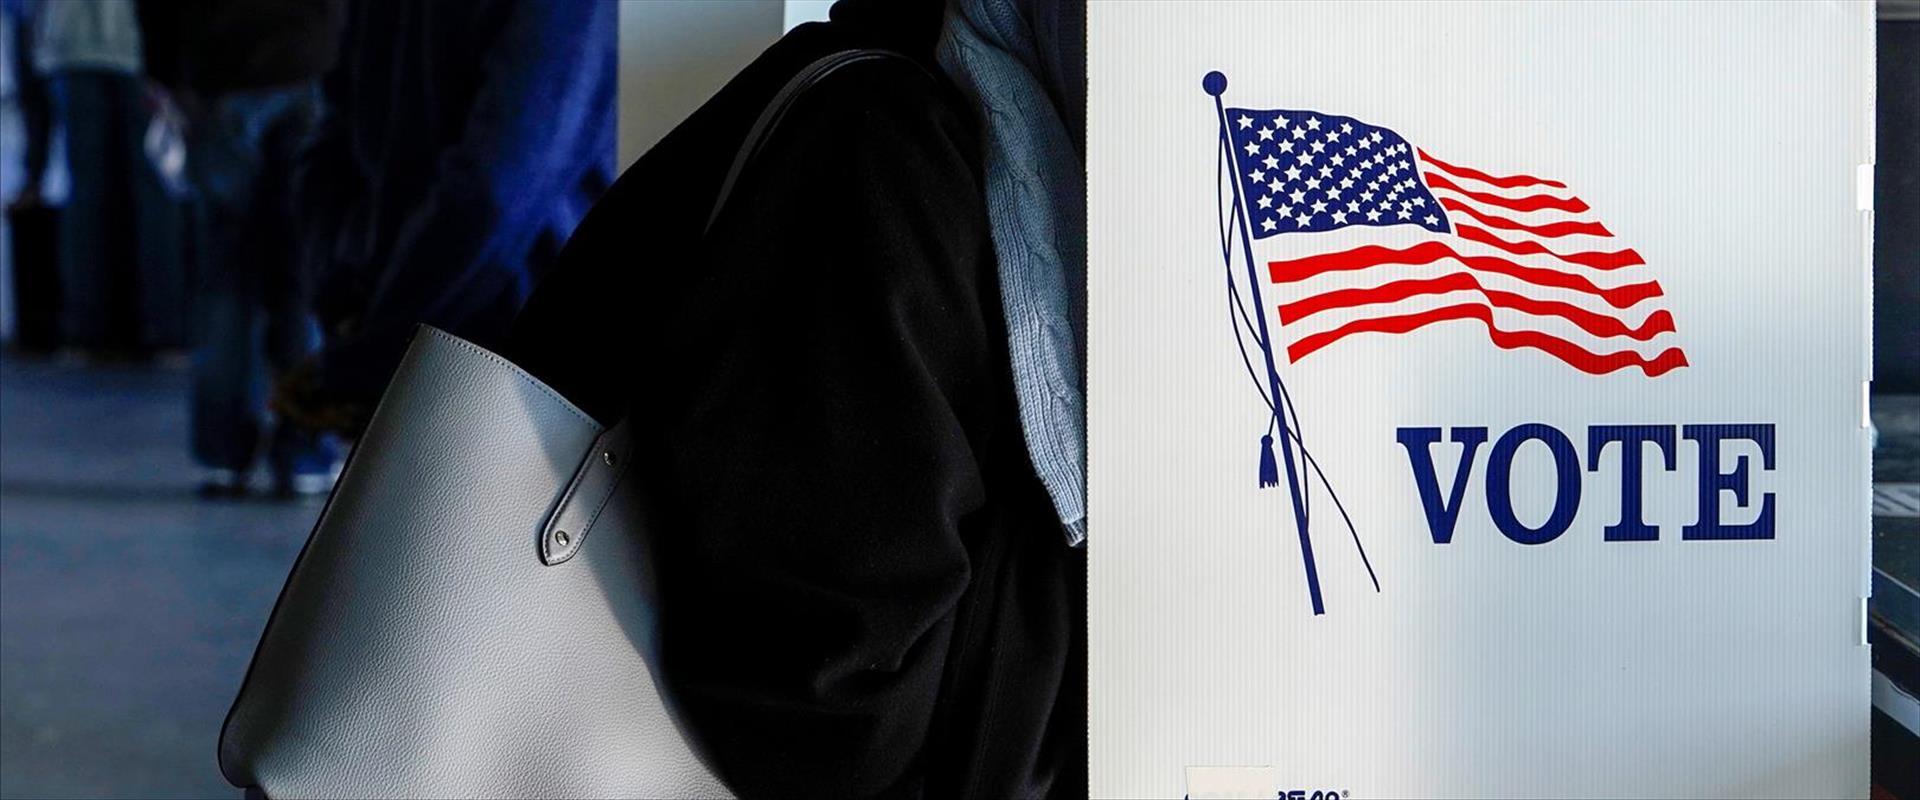 הצבעה מוקדמת בקלפי באוקלהומה, אתמול